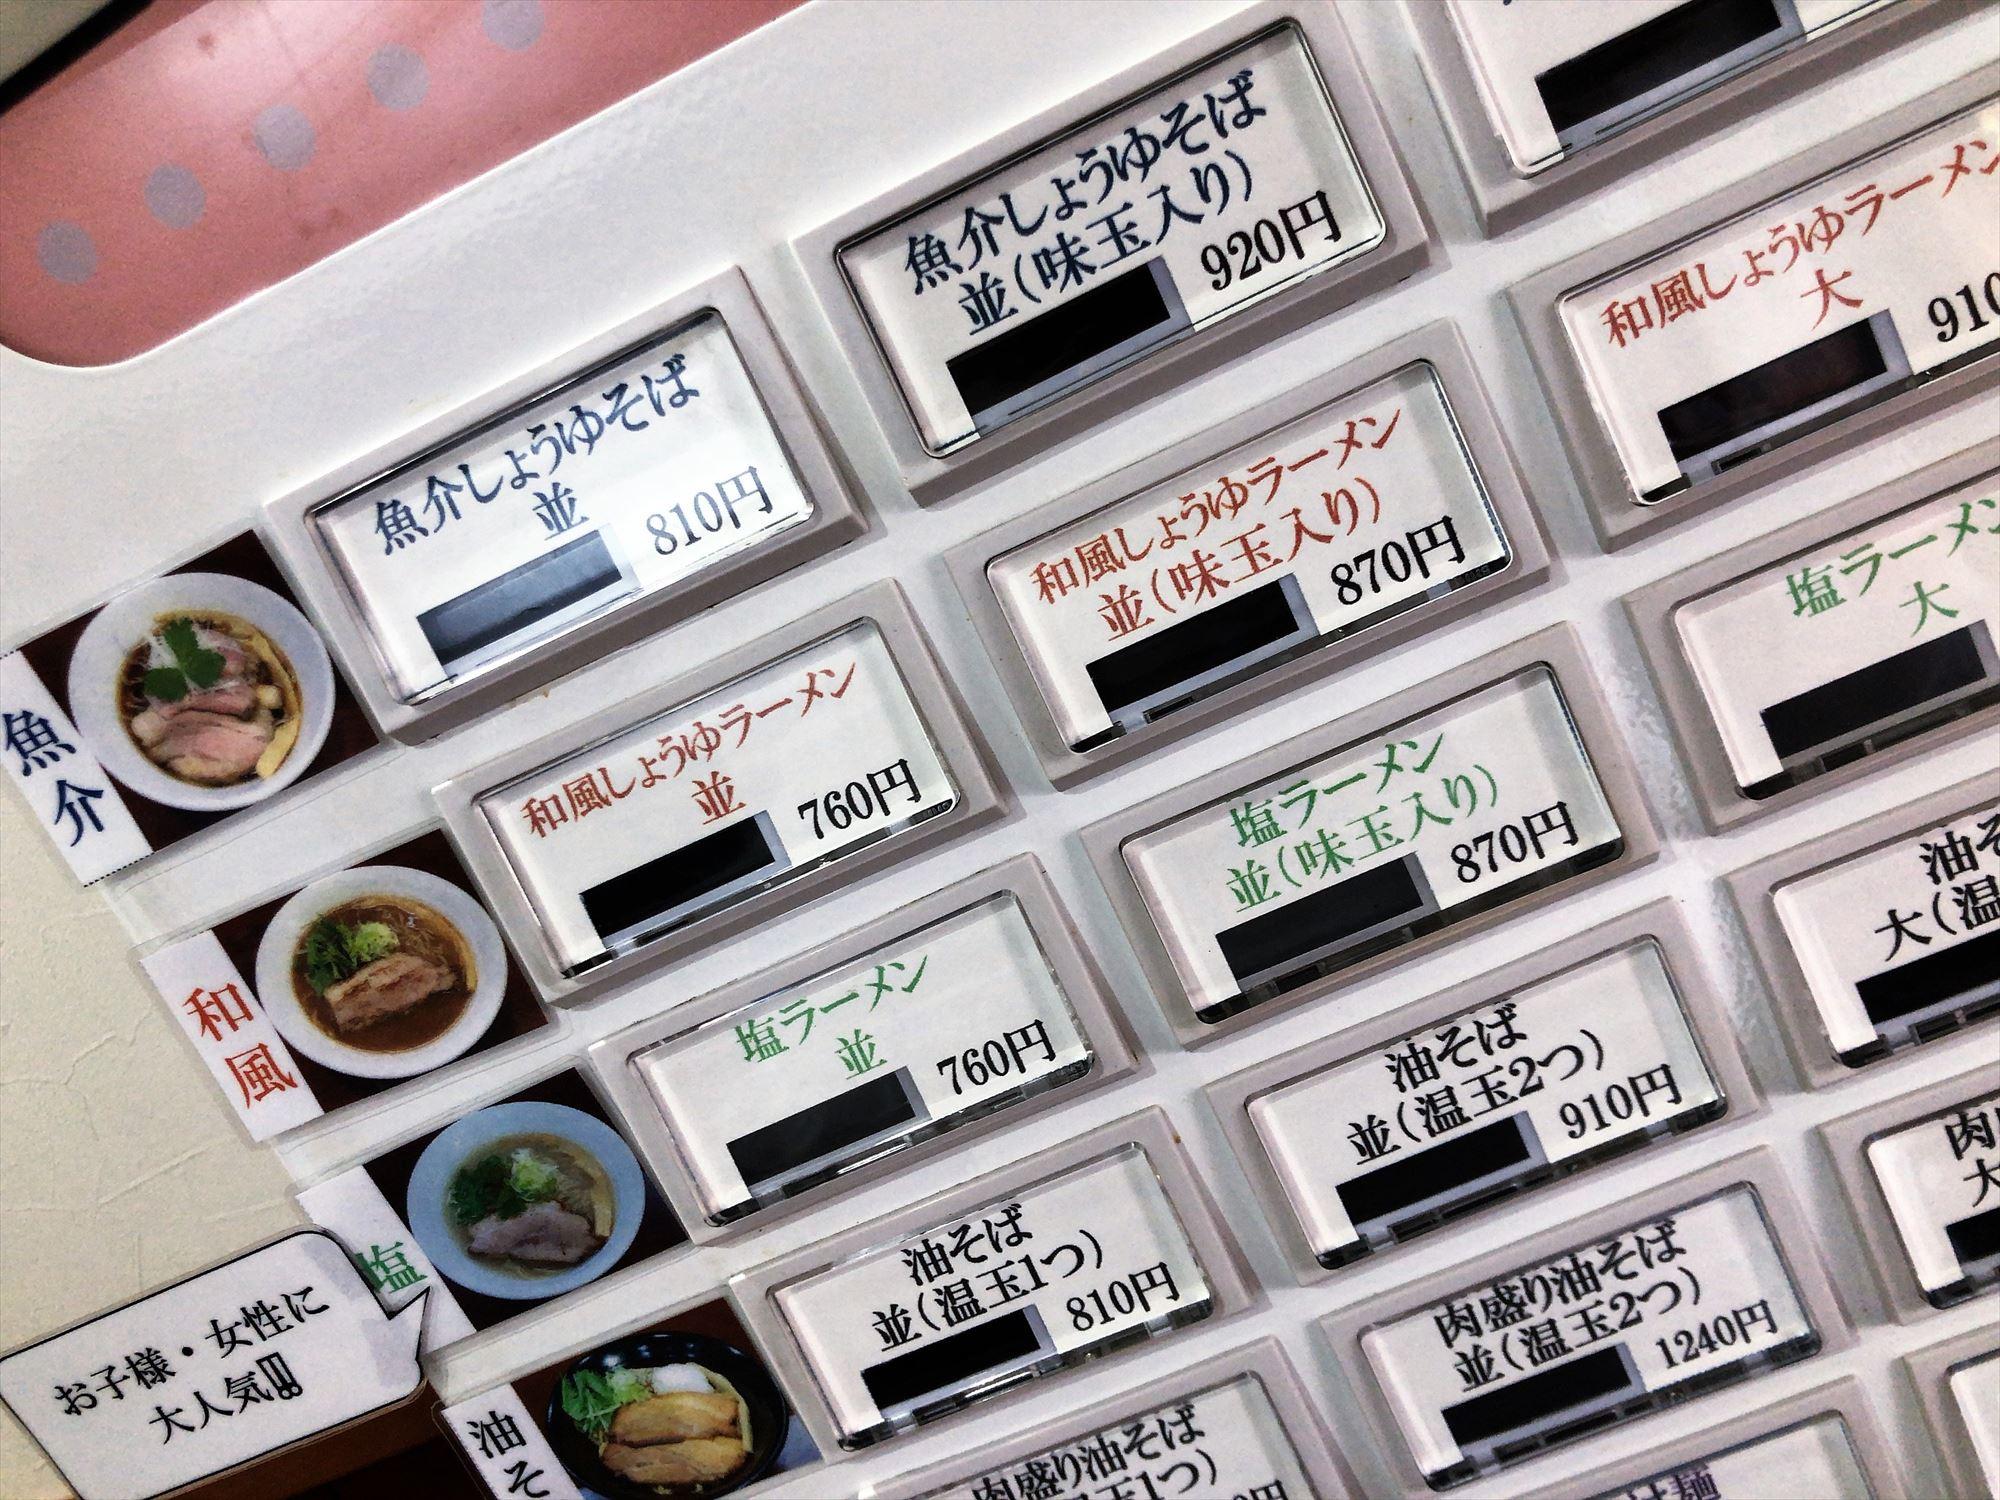 麺処 うきとみの券売機